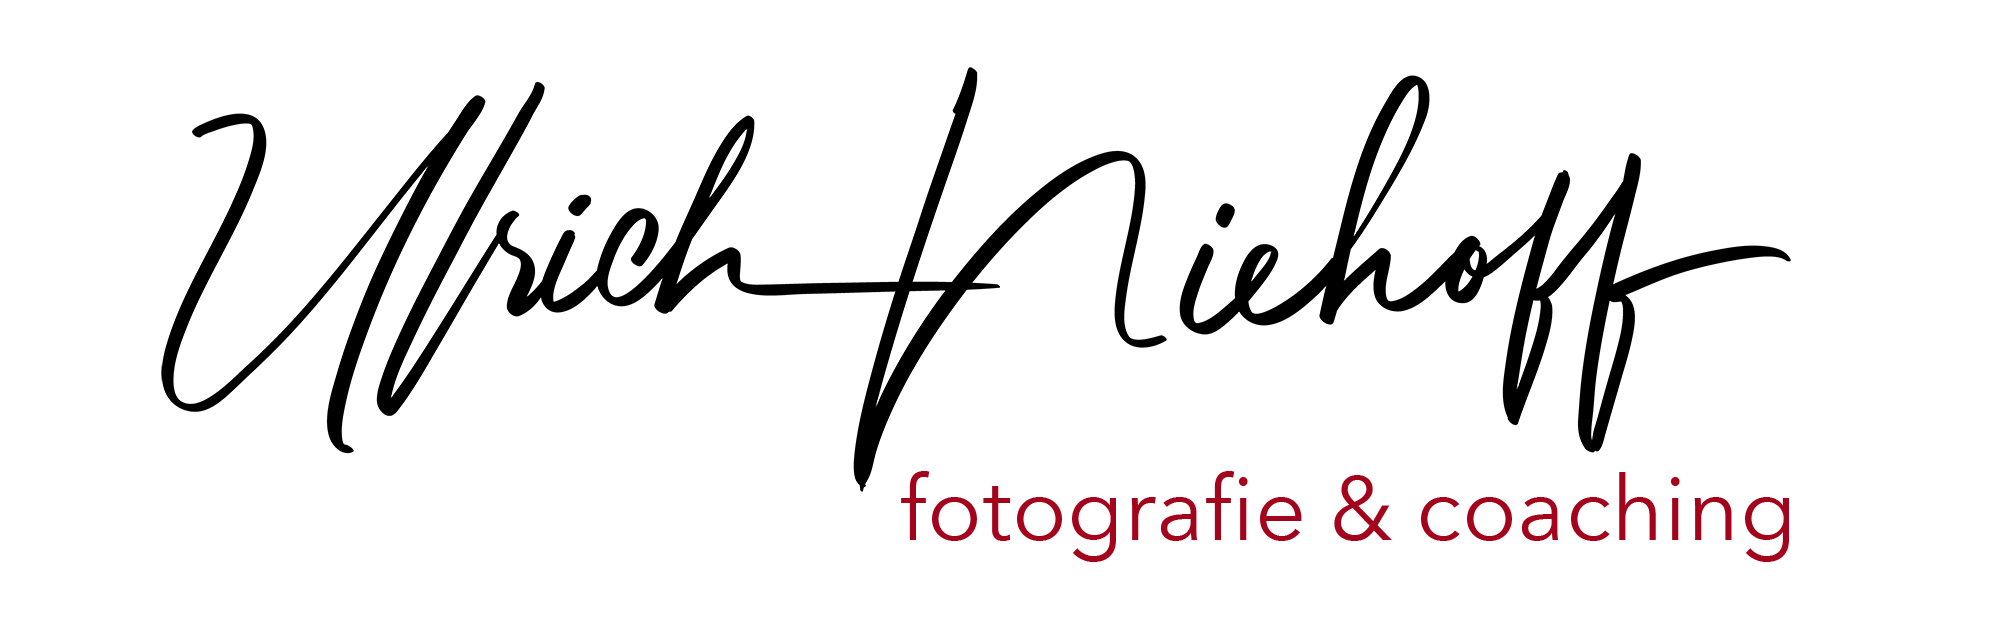 ulrich niehoff – fotografie & coaching